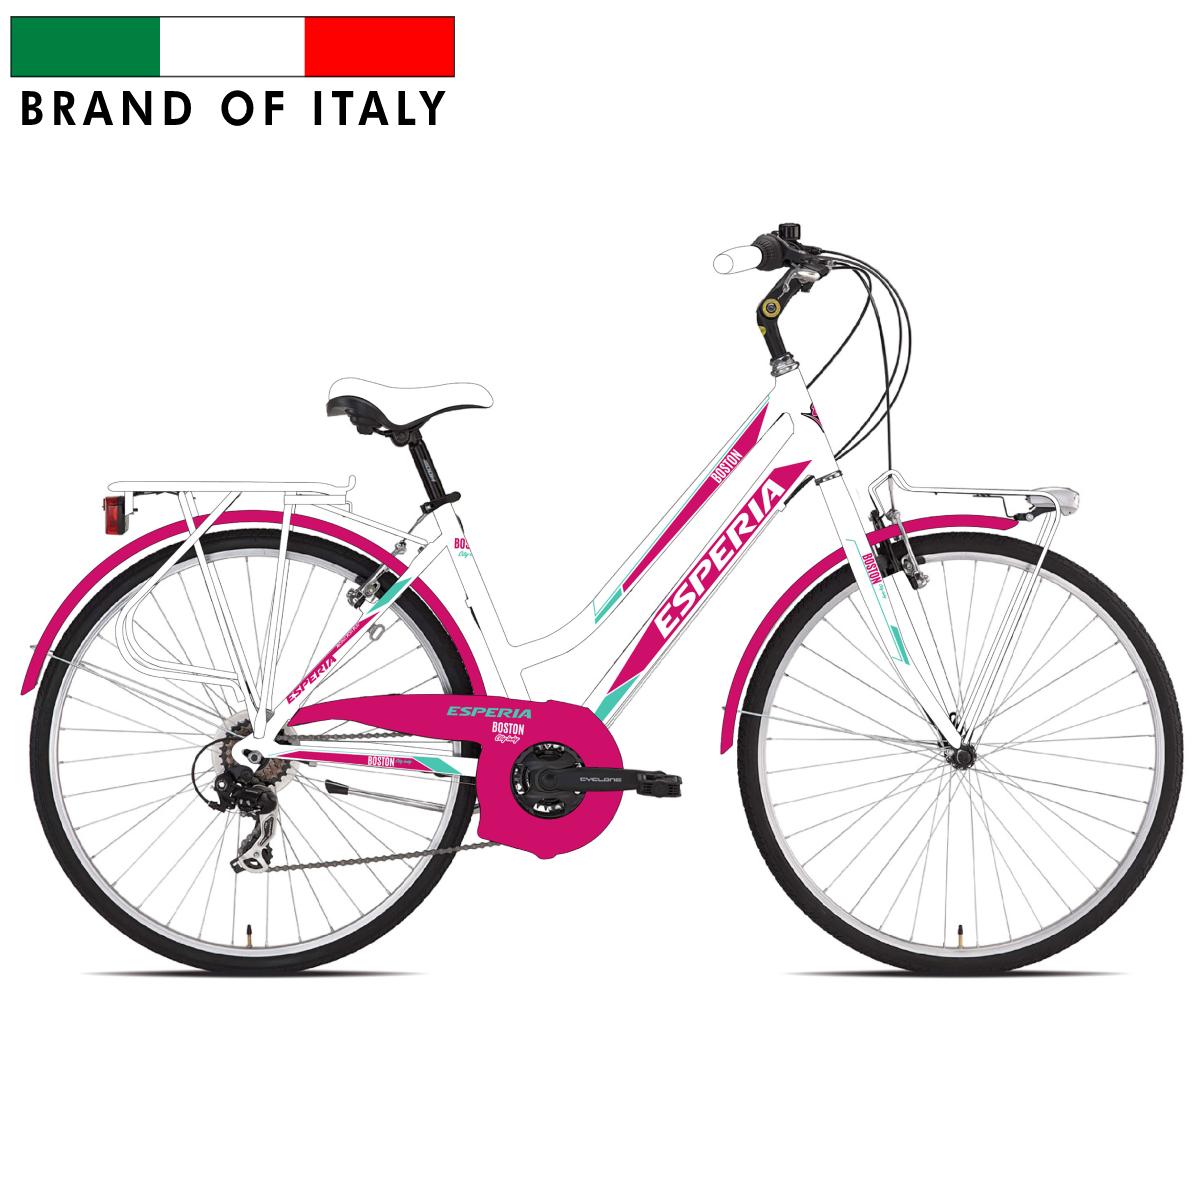 ESPERIA TRK.28 6V DONNA WHITE/FUXIA 106950D Pilsētas velosipēds